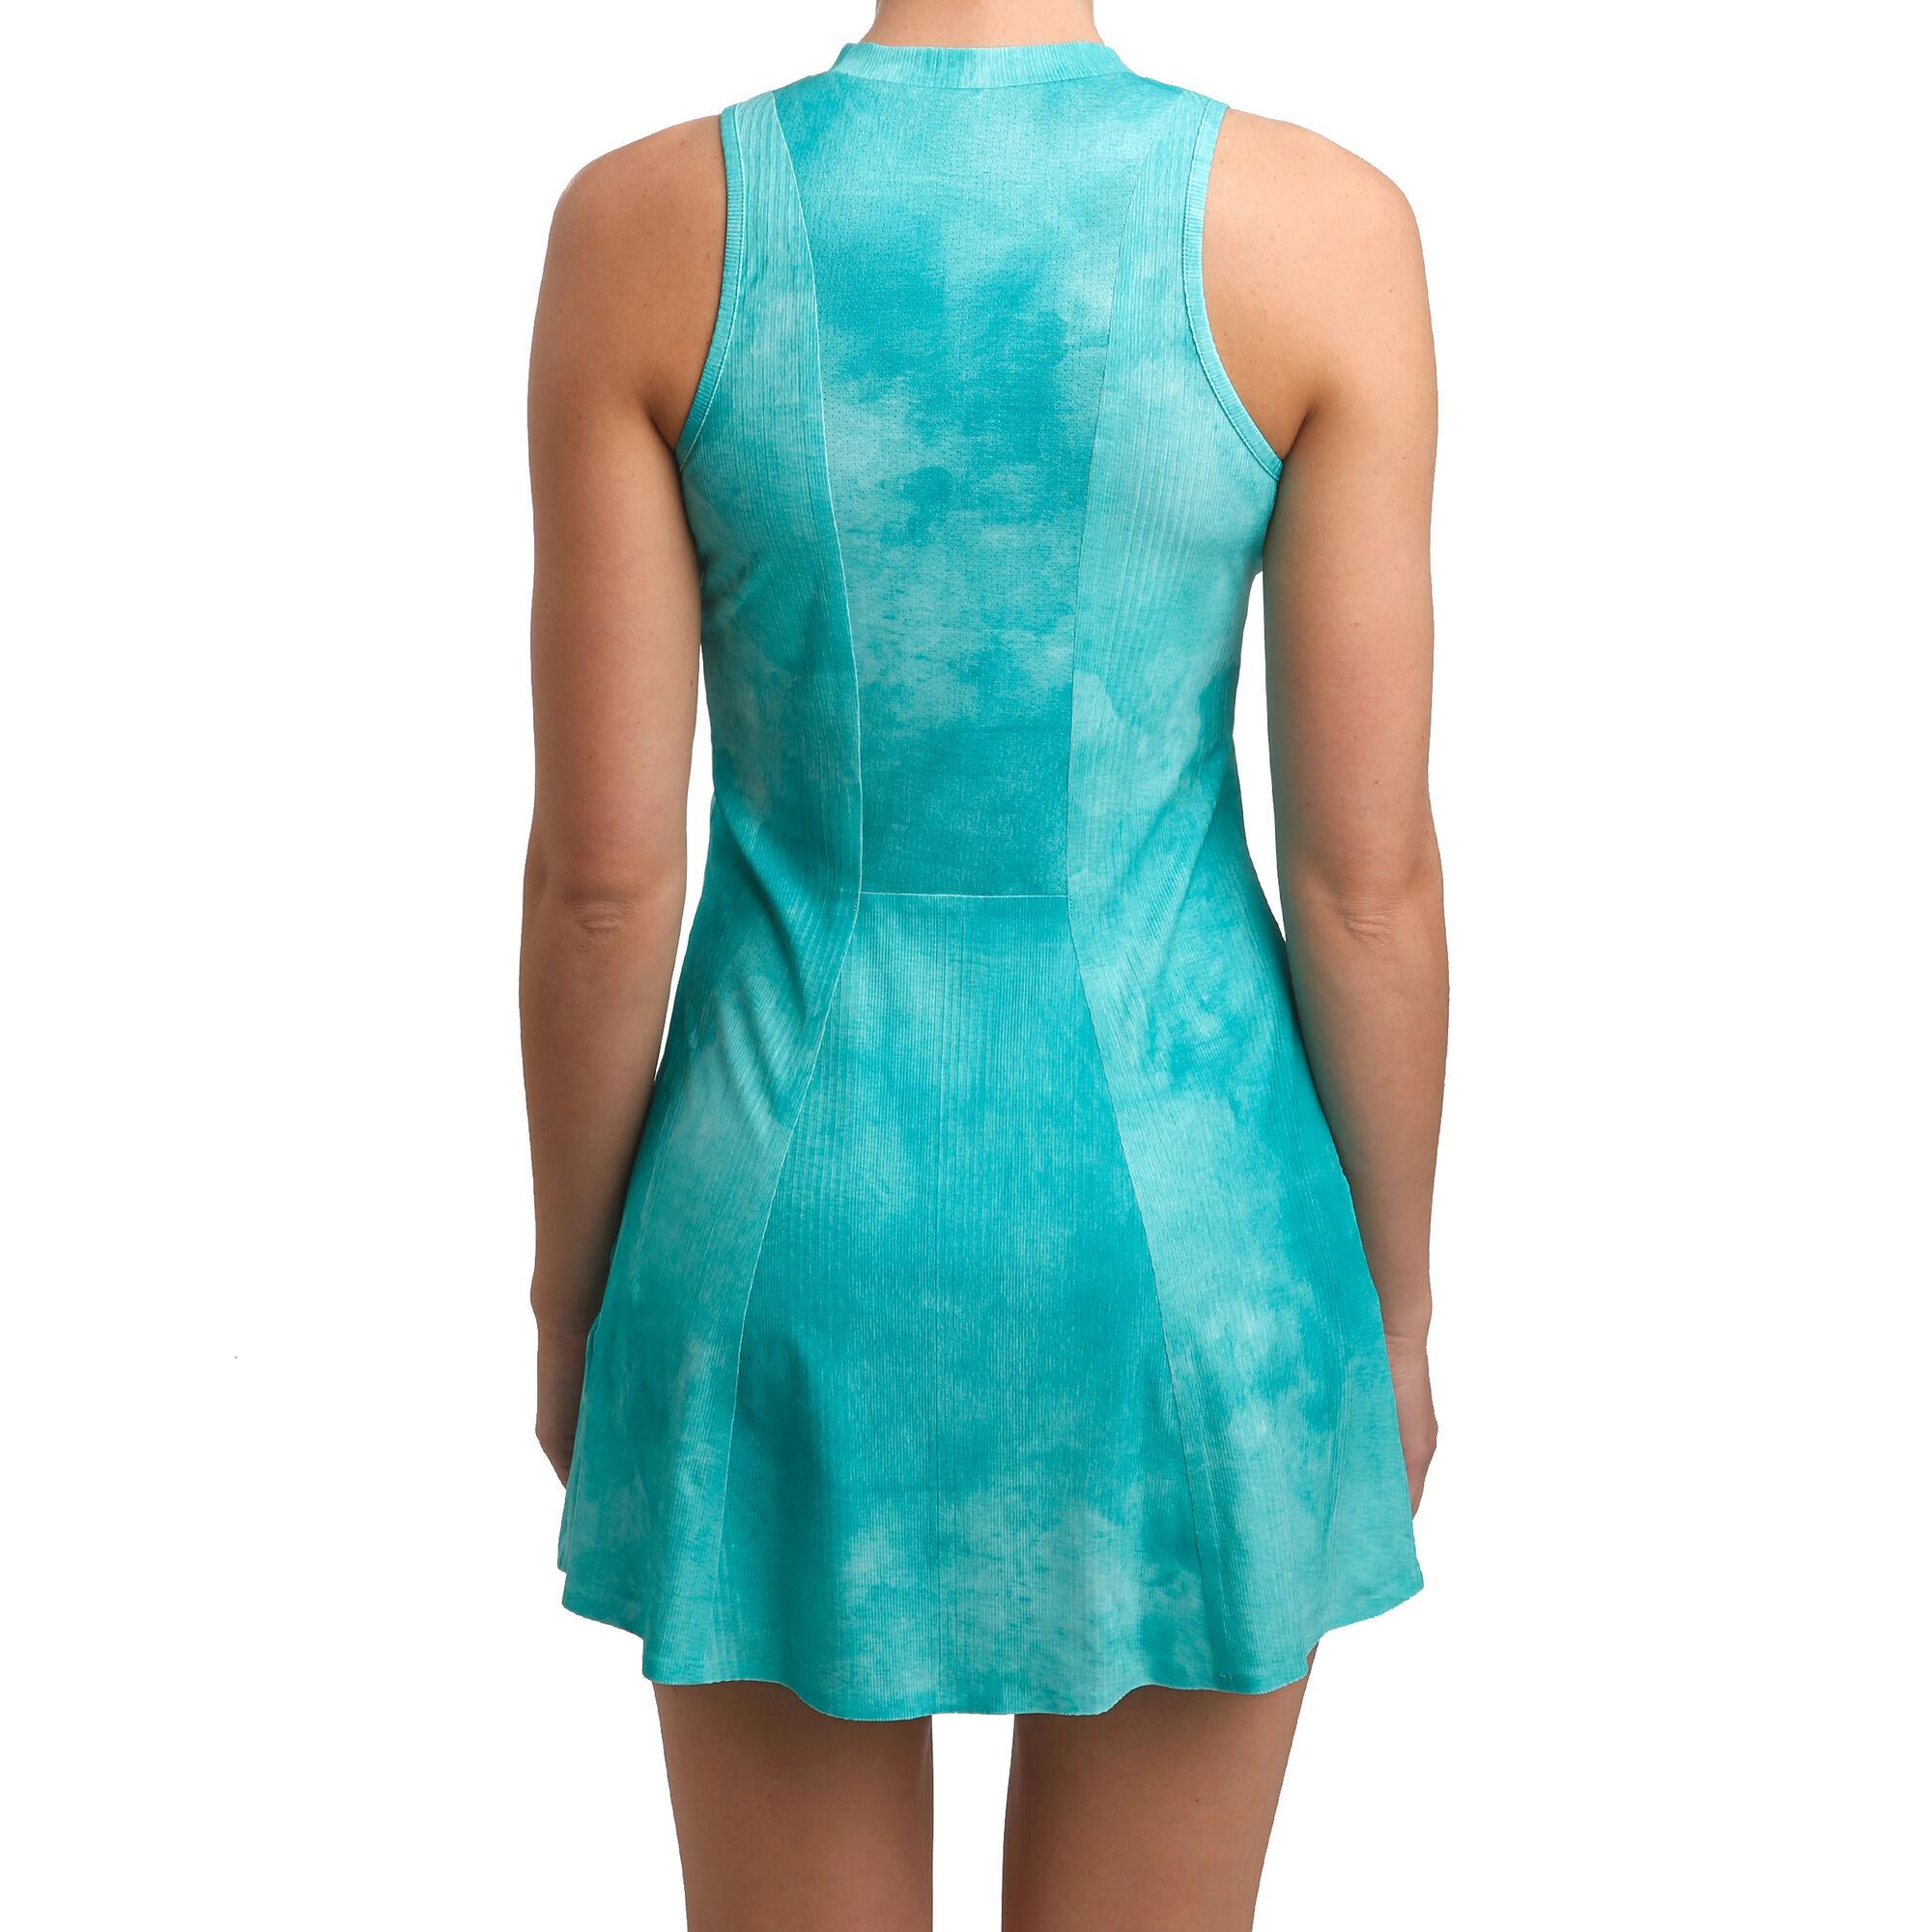 Nike Court Dri Fit Maria Printed Kleid Damen Turkis Dunkelgrau Online Kaufen Tennis Point